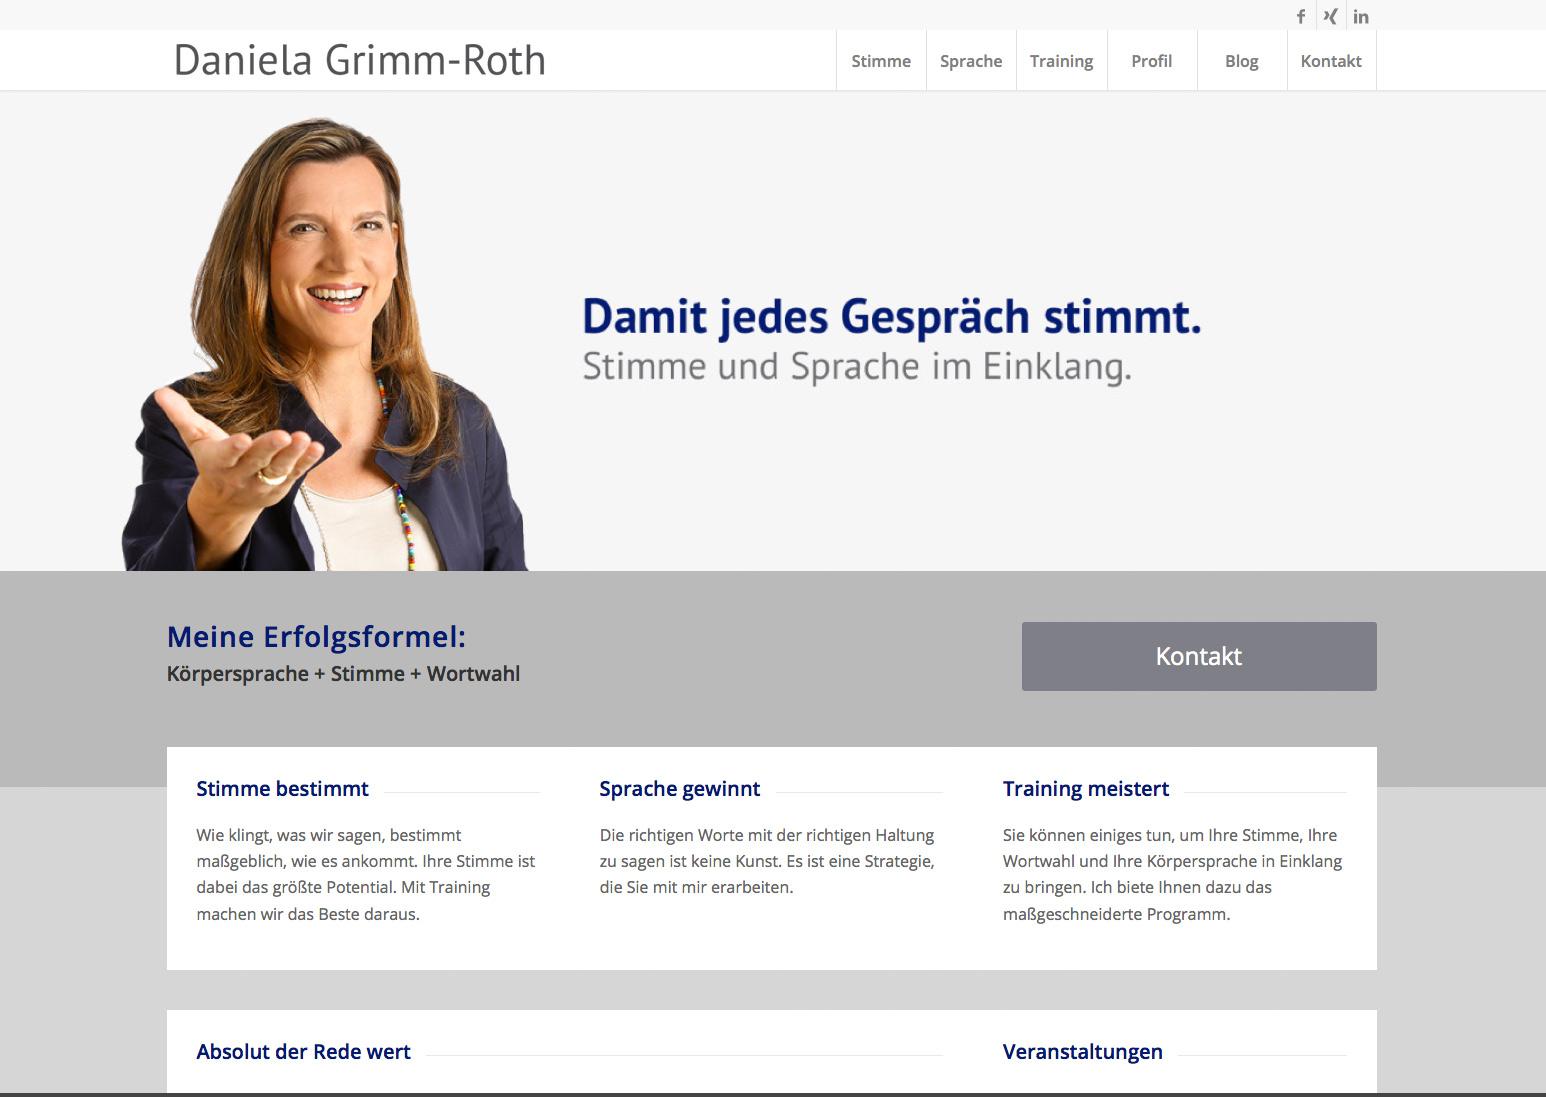 Daniela Grimm-Roth, Damit Jedes Gespräch Stimmt.